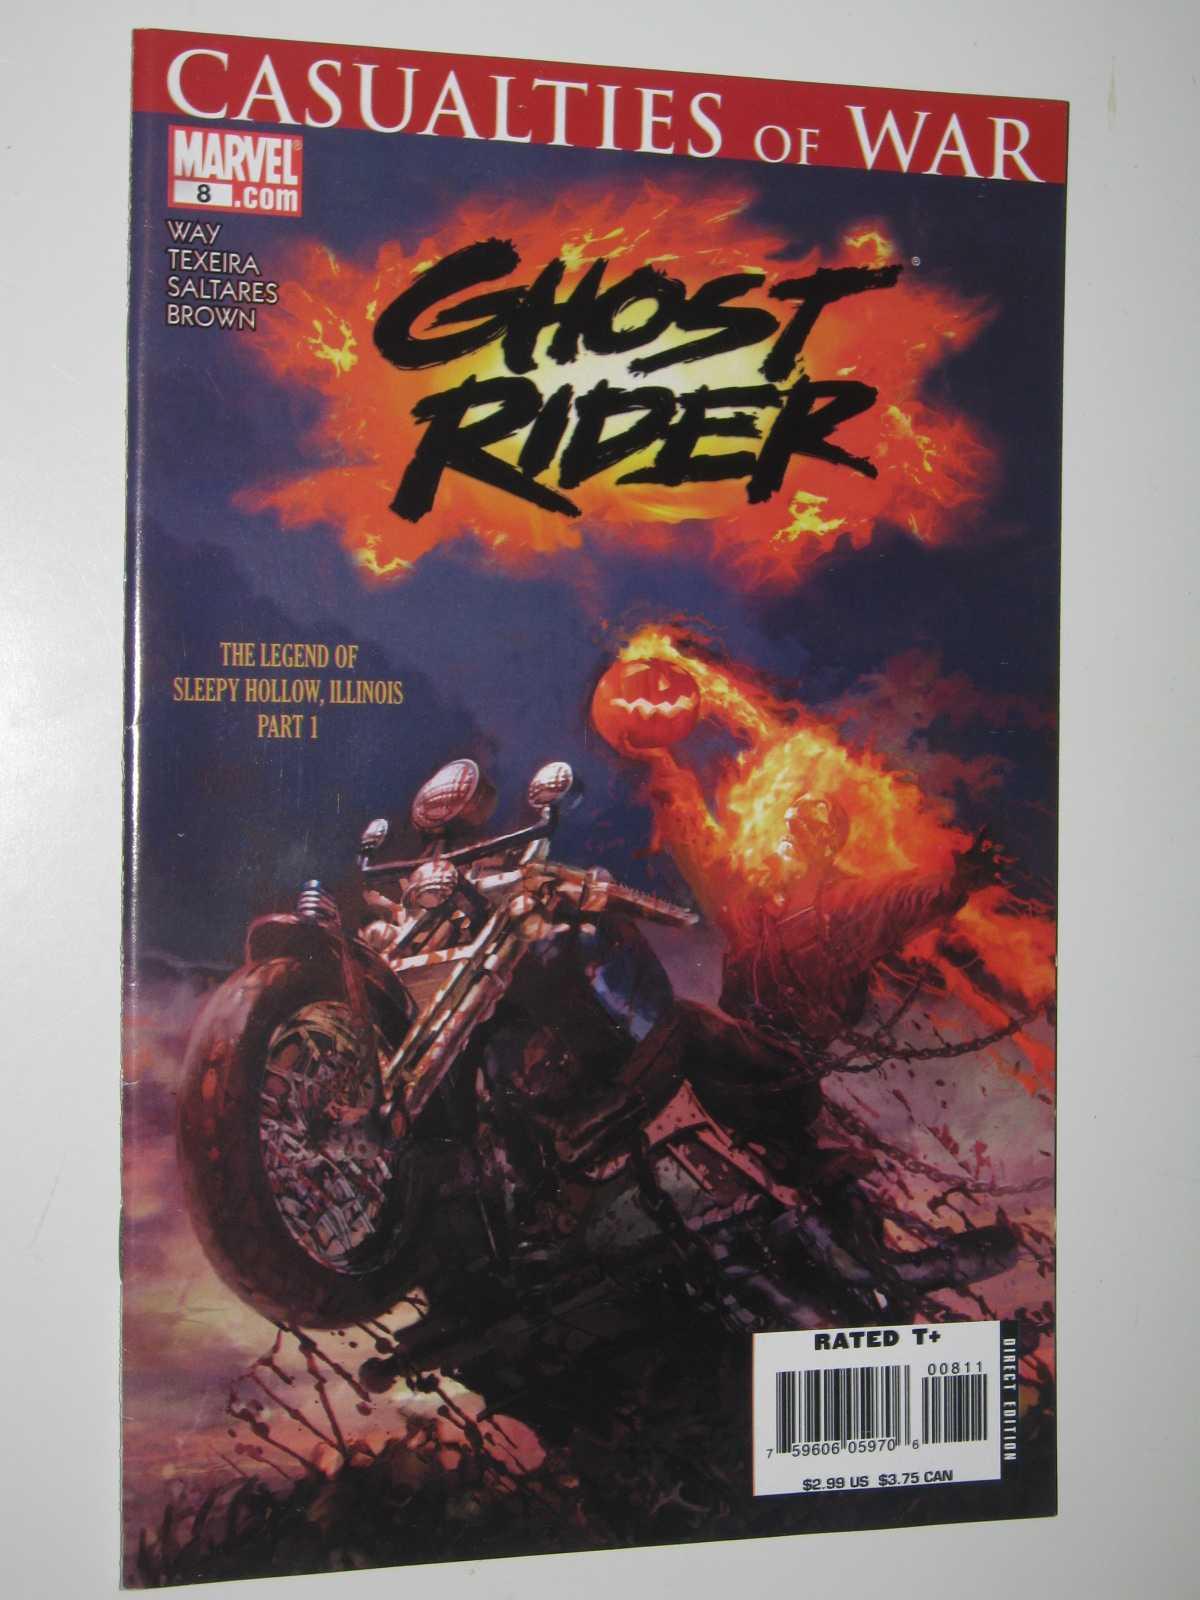 Ghost Rider #8: Casualties of War - April 2007, Way + Texeira + Saltares + Brown